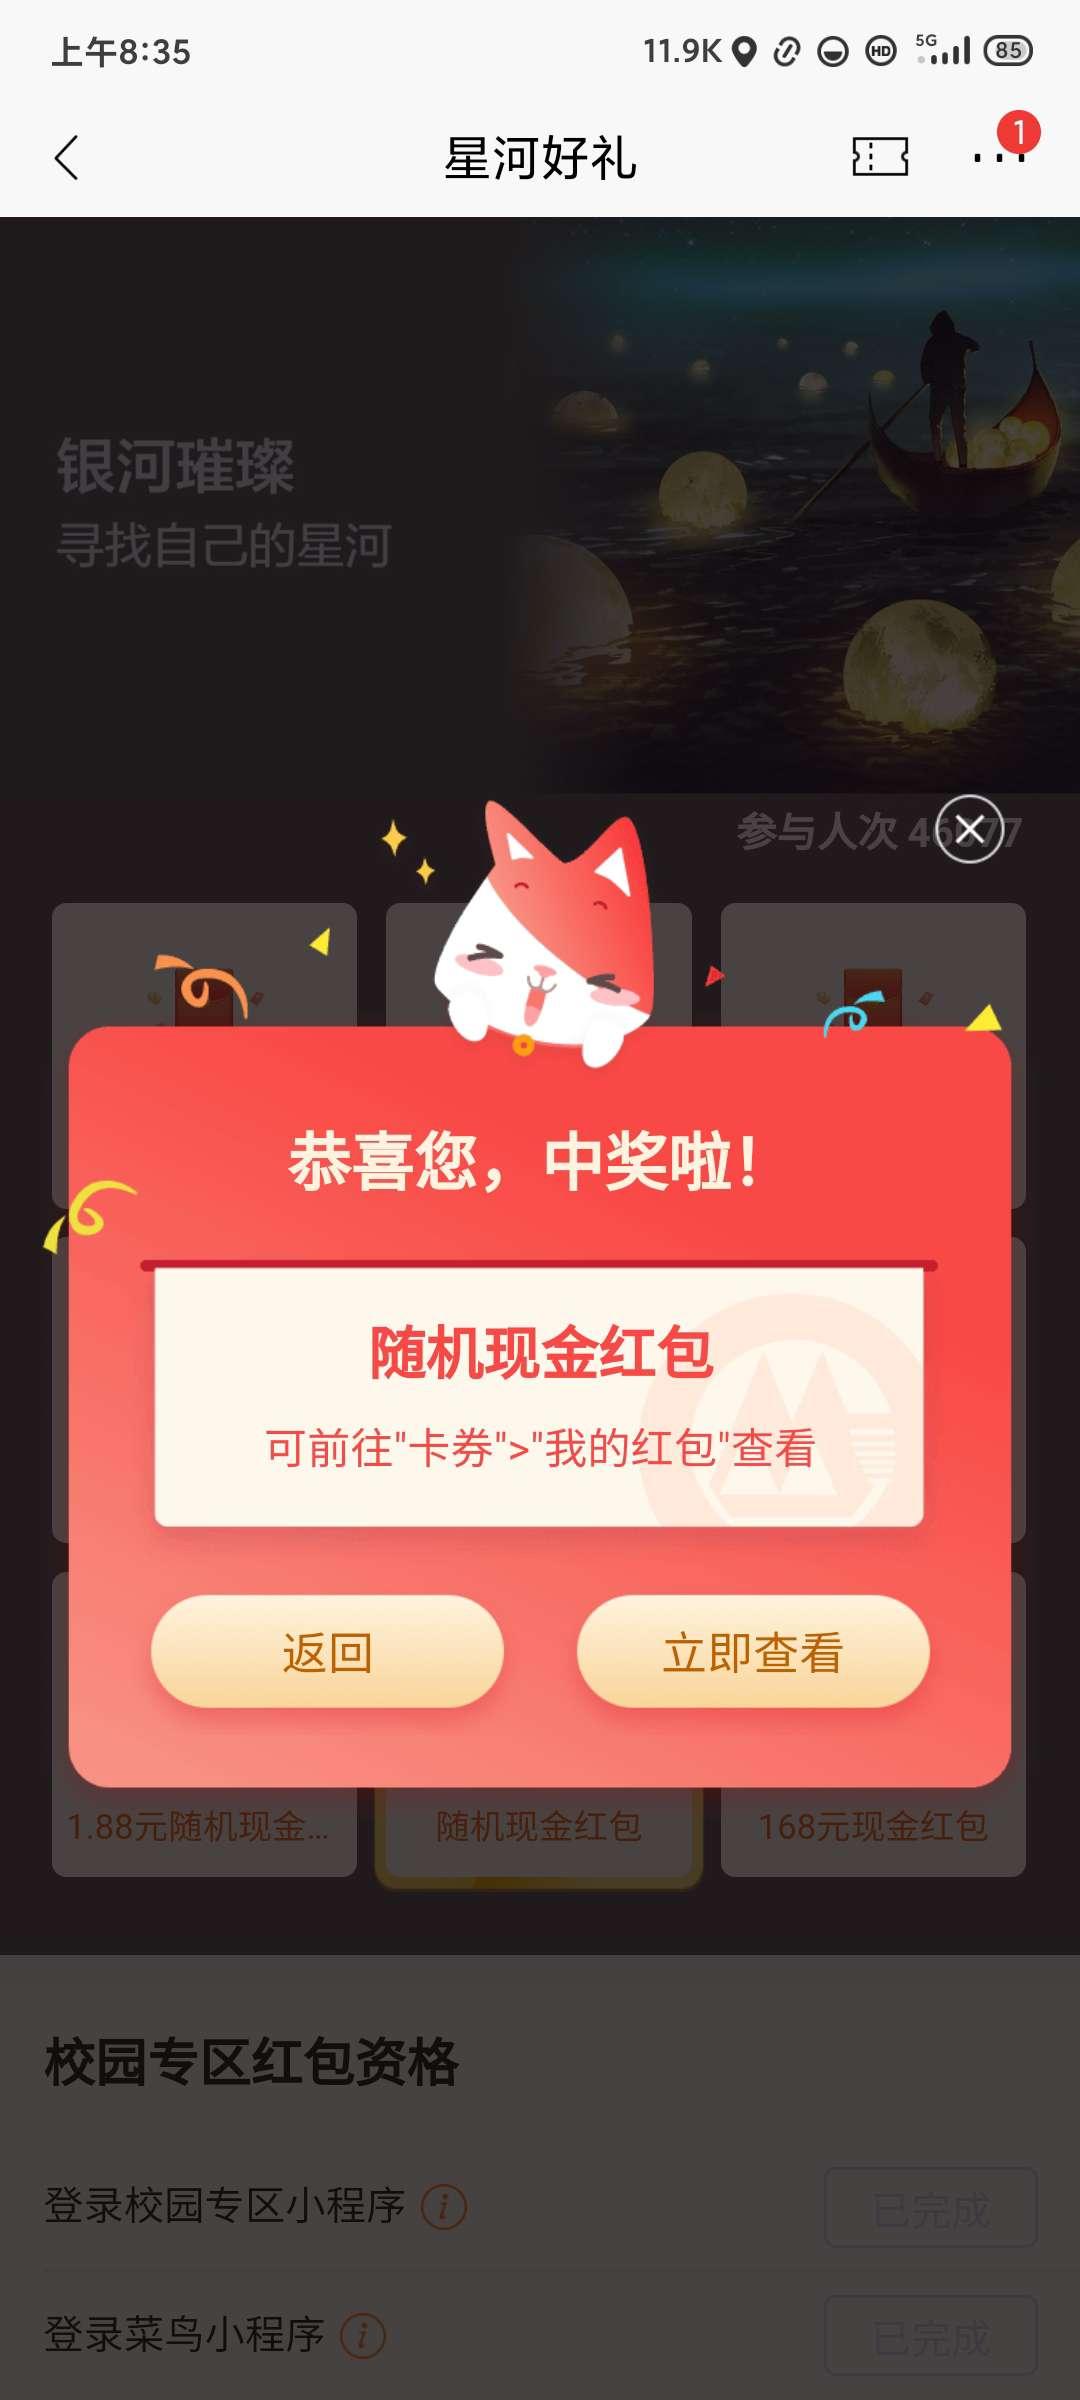 图片[5]-招商银行app完成任务领红包-老友薅羊毛活动线报网